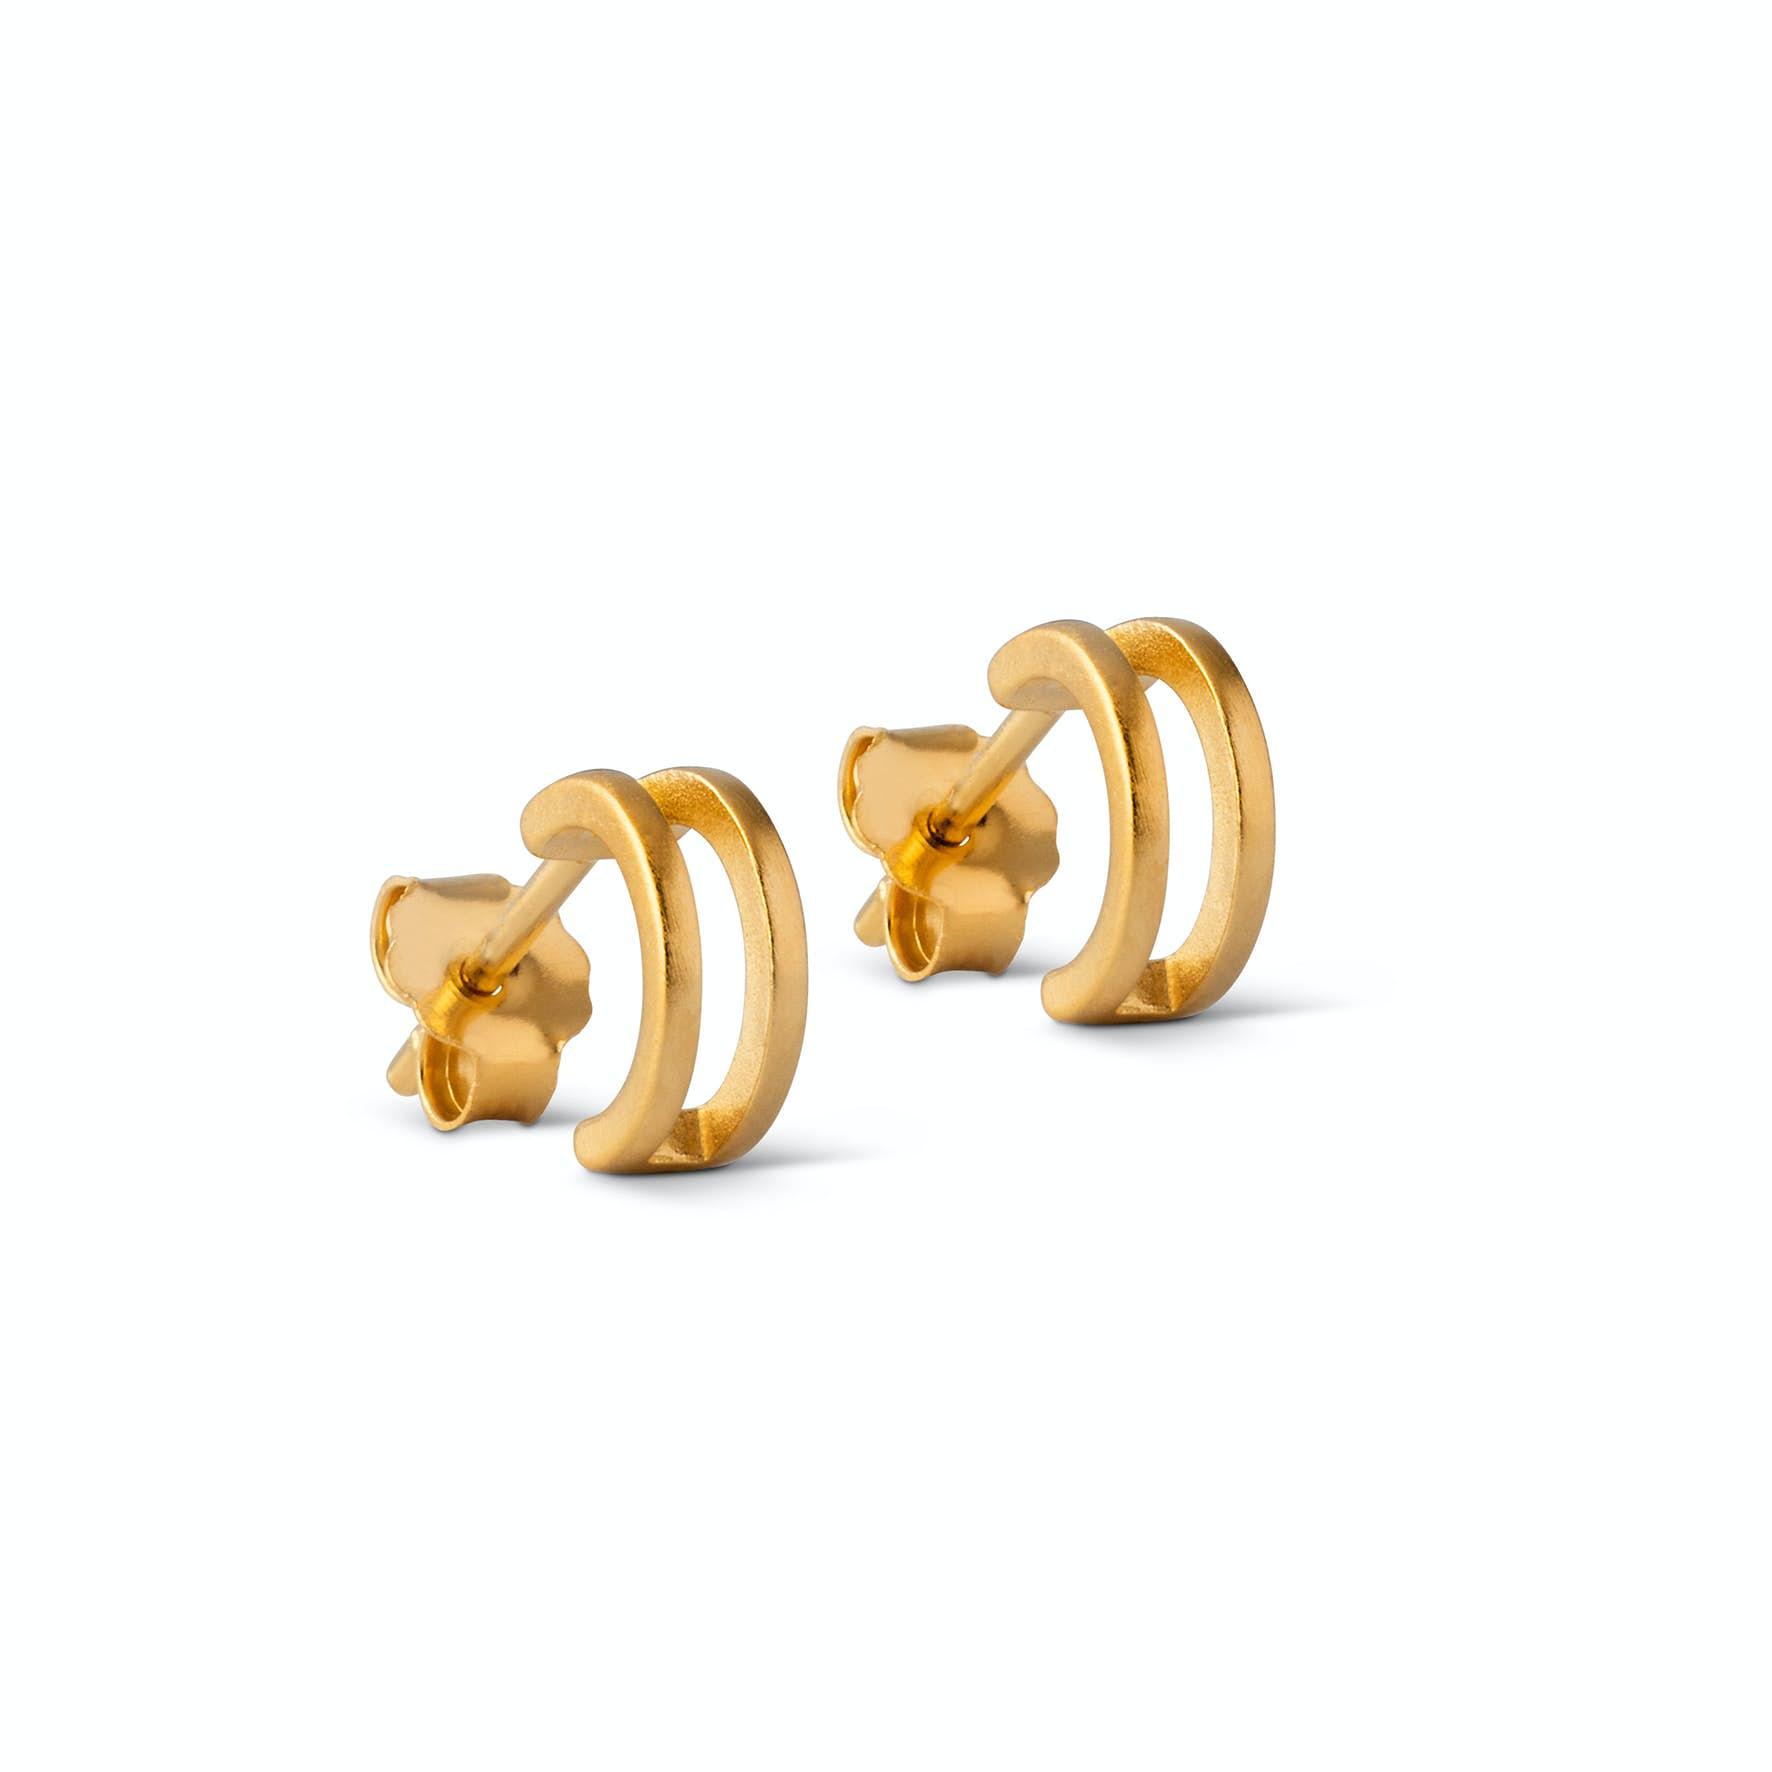 Double Loop Earsticks from Enamel Copenhagen in Goldplated-Silver Sterling 925